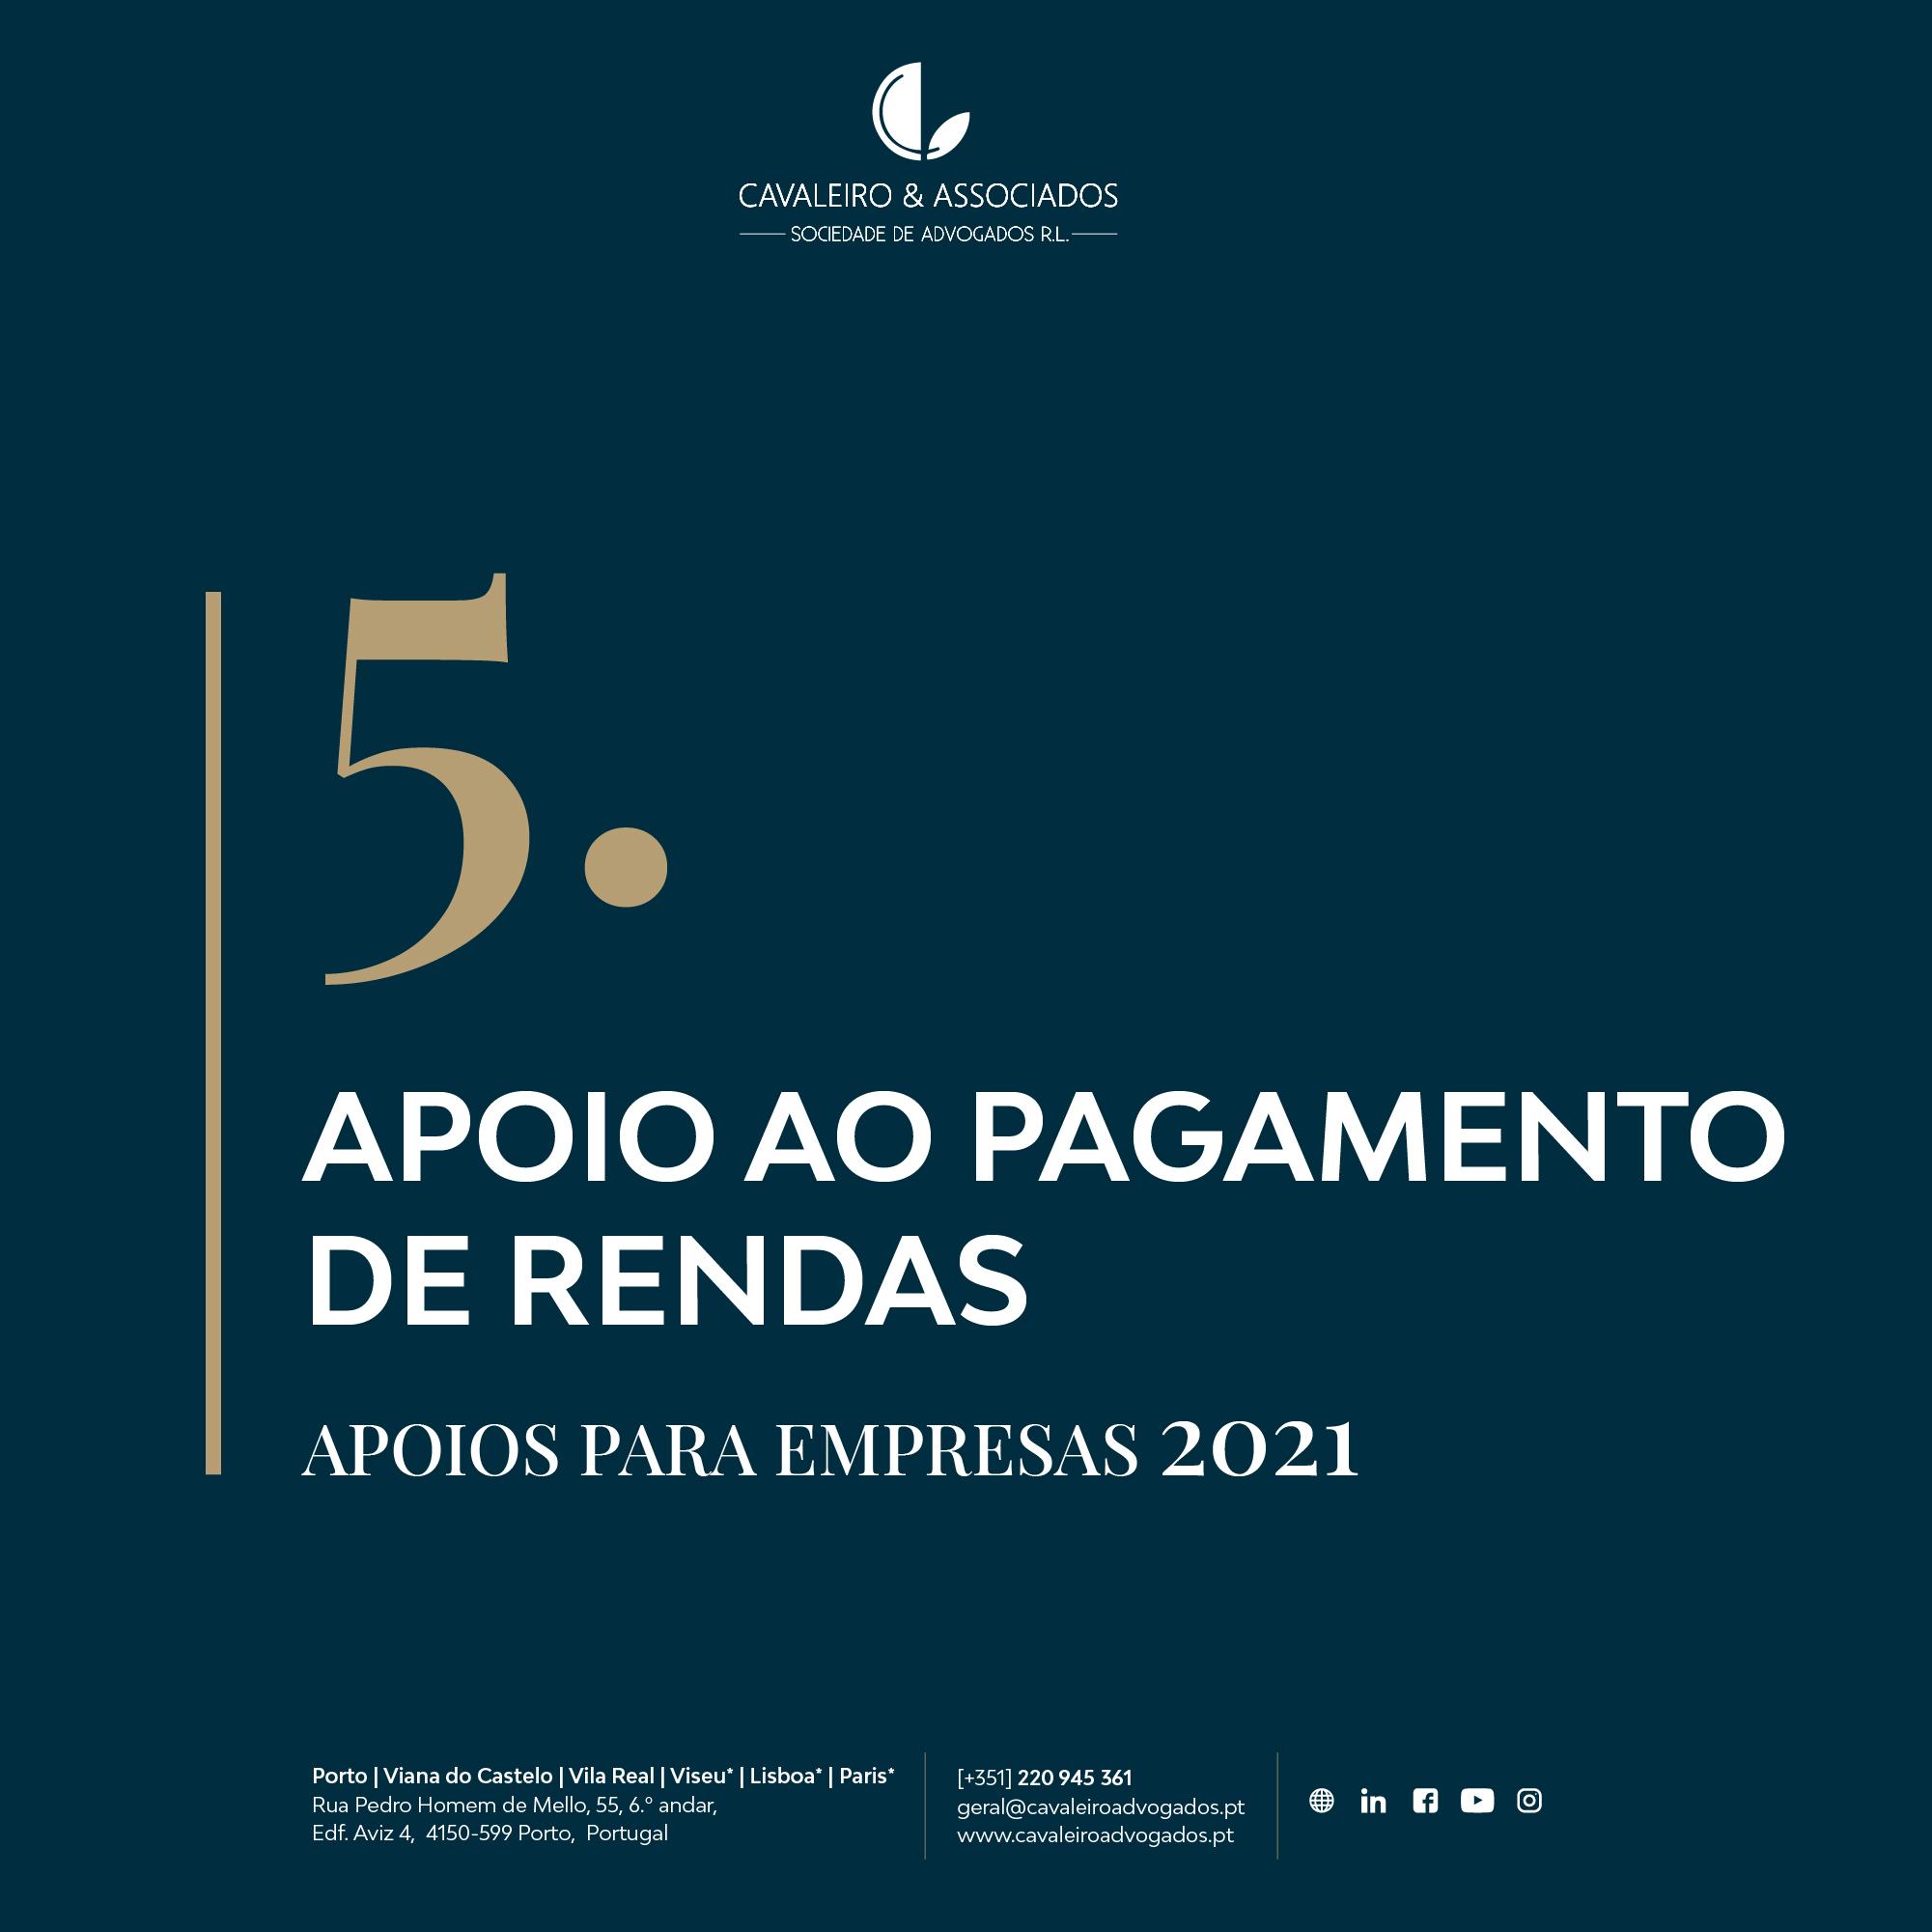 APOIO AO PAGAMENTO DE RENDAS